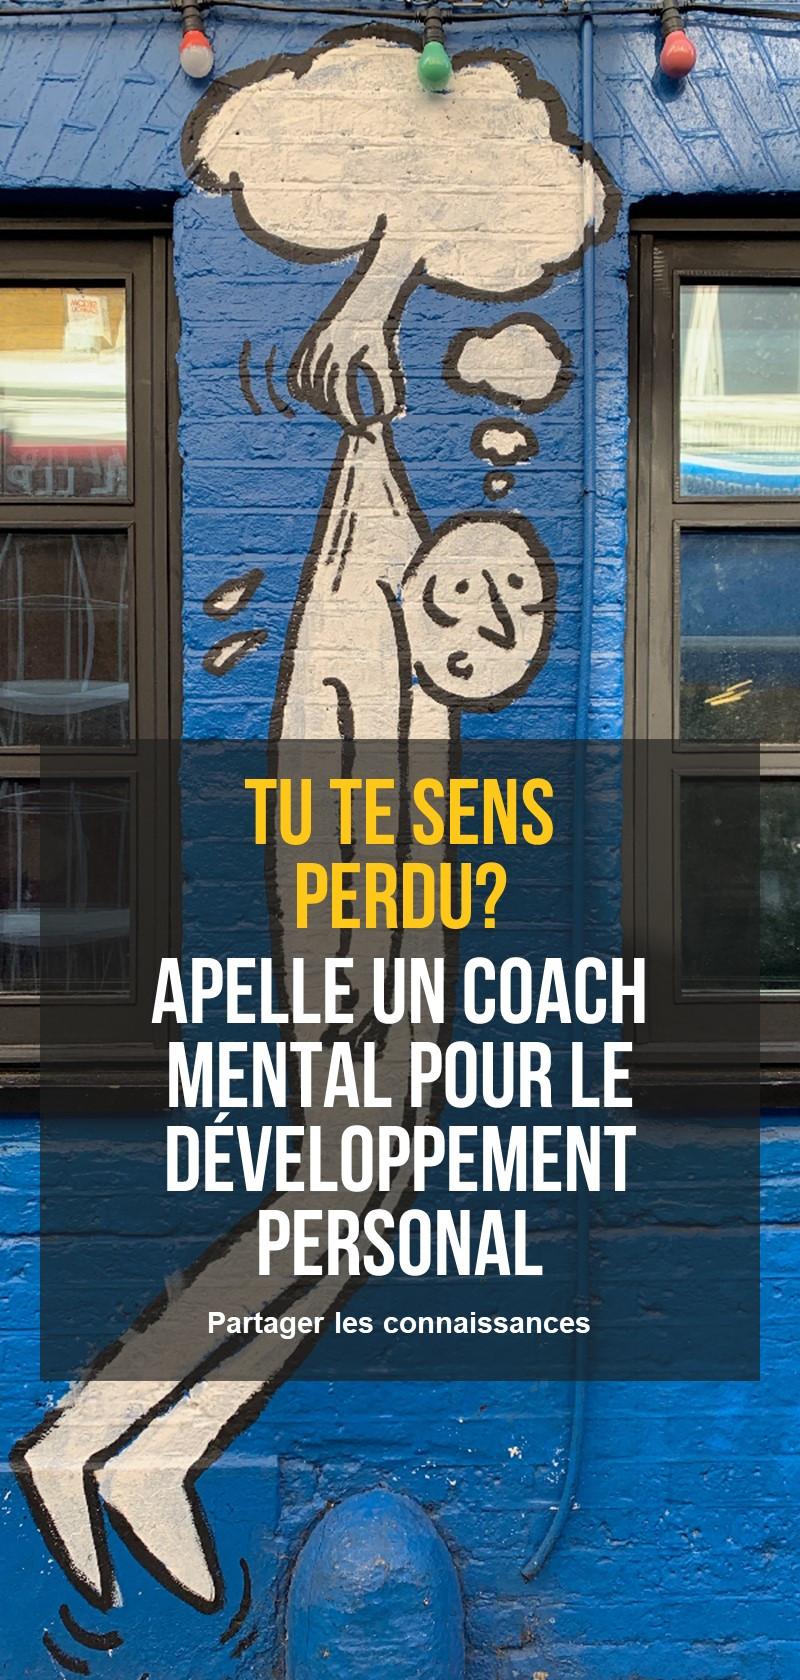 Coachs mentaux pour le développement personnel